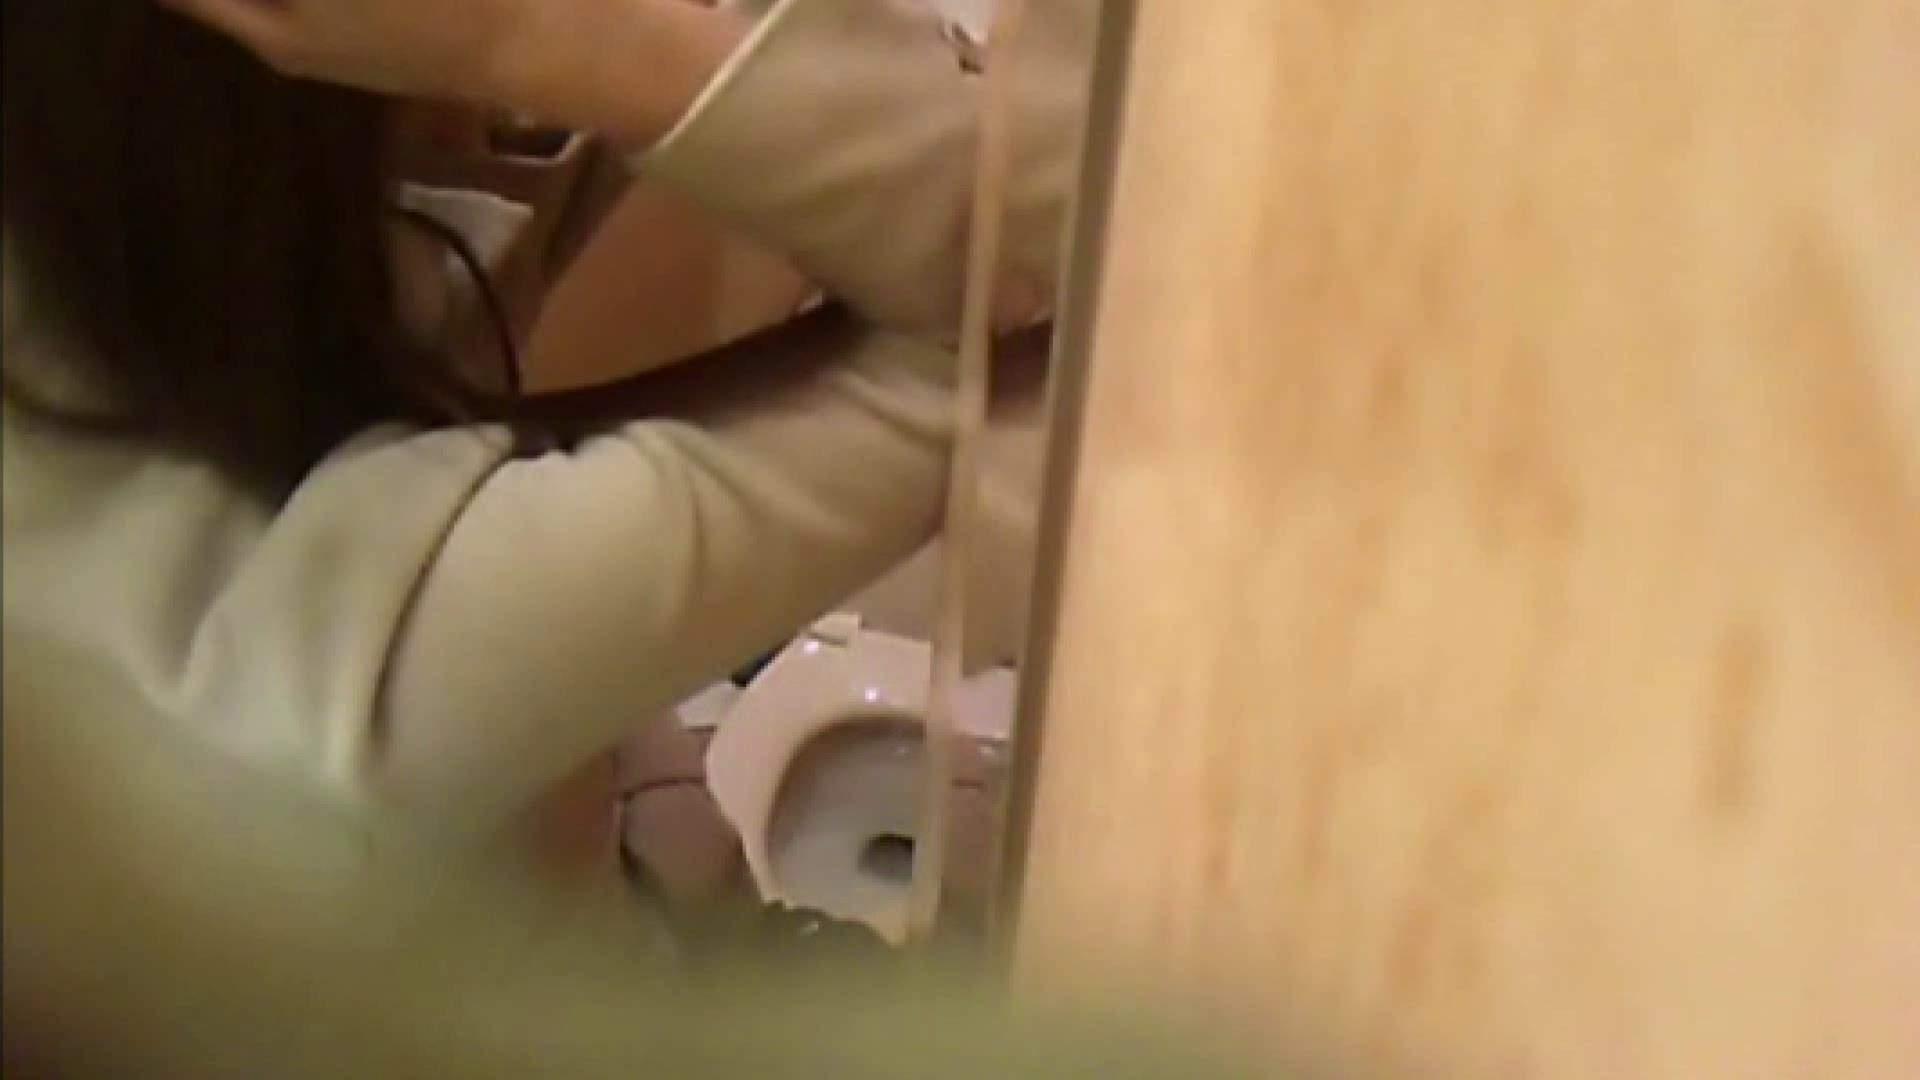 品川からお届け致します!GALS厠覗き! Vol.10 ギャルのエロ動画 | ティーンギャル  99PIX 81